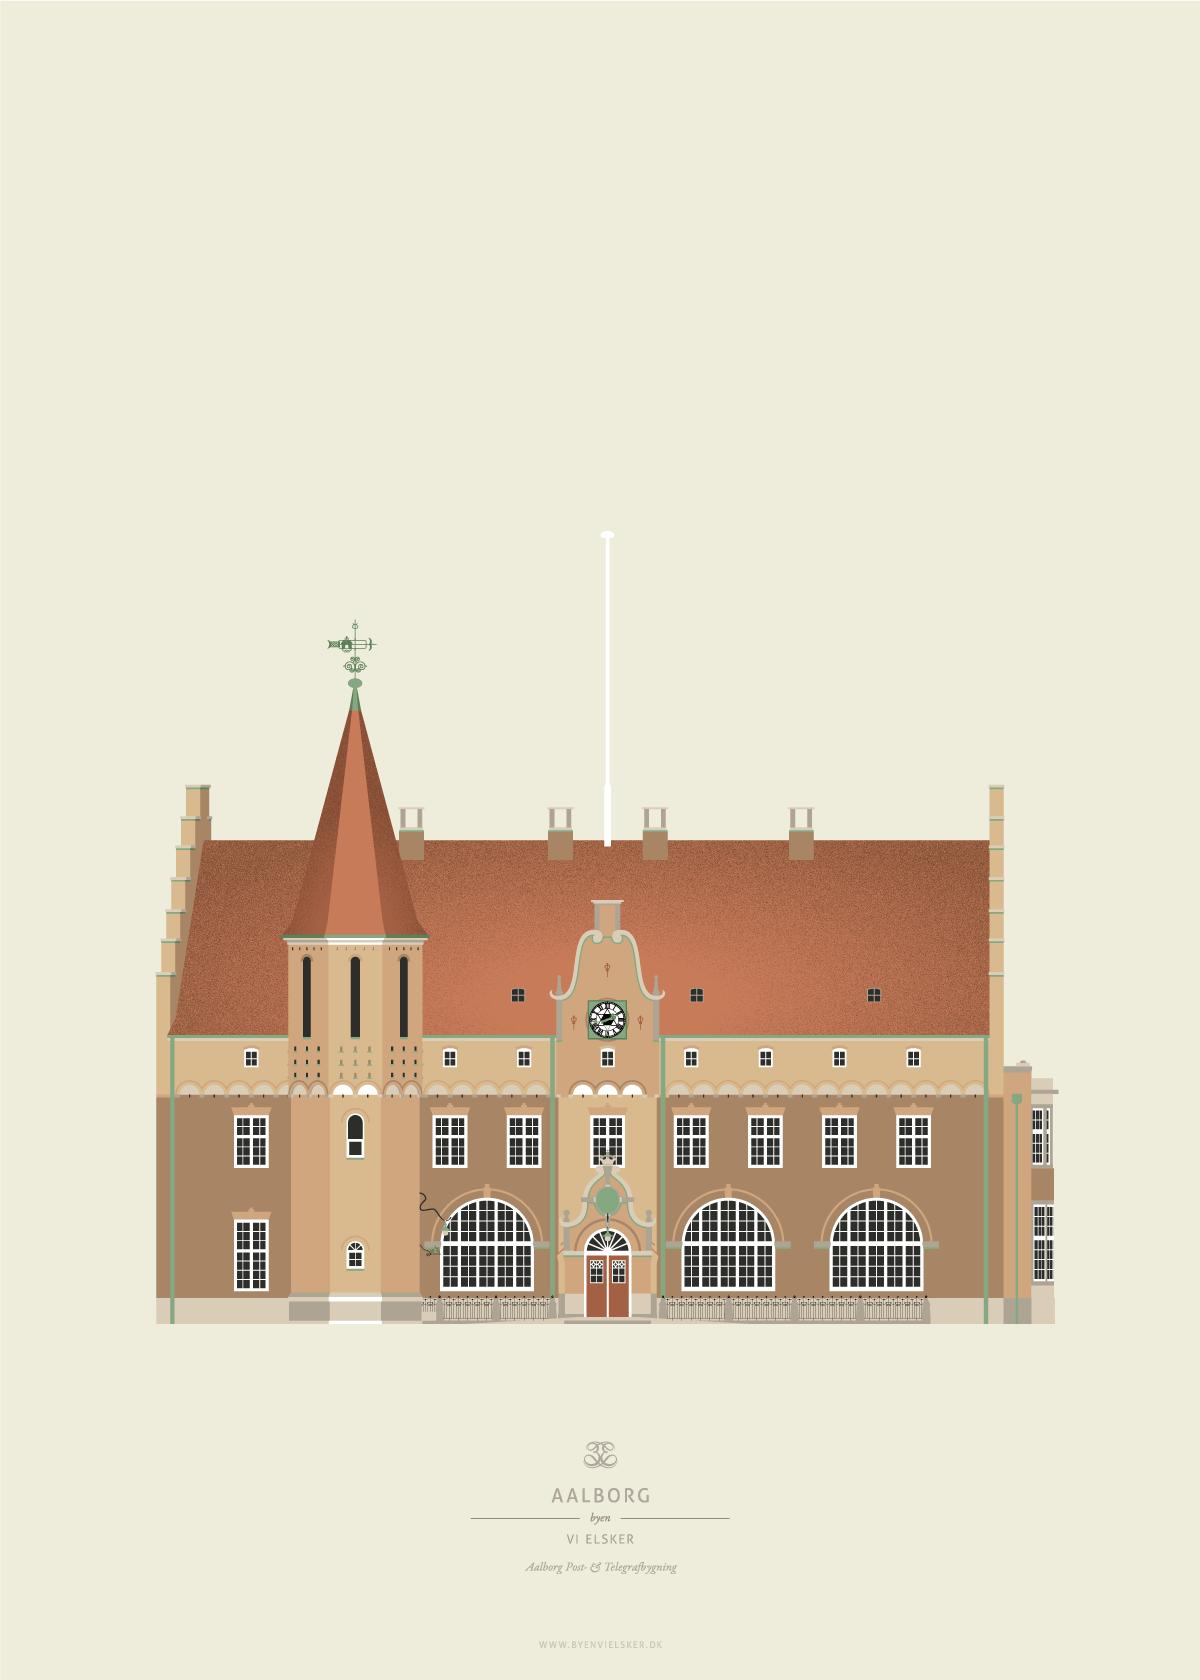 Aalborg Plakat   Aalborg Post- & Telegrafbygning   Aalborg - Byen Vi Elsker